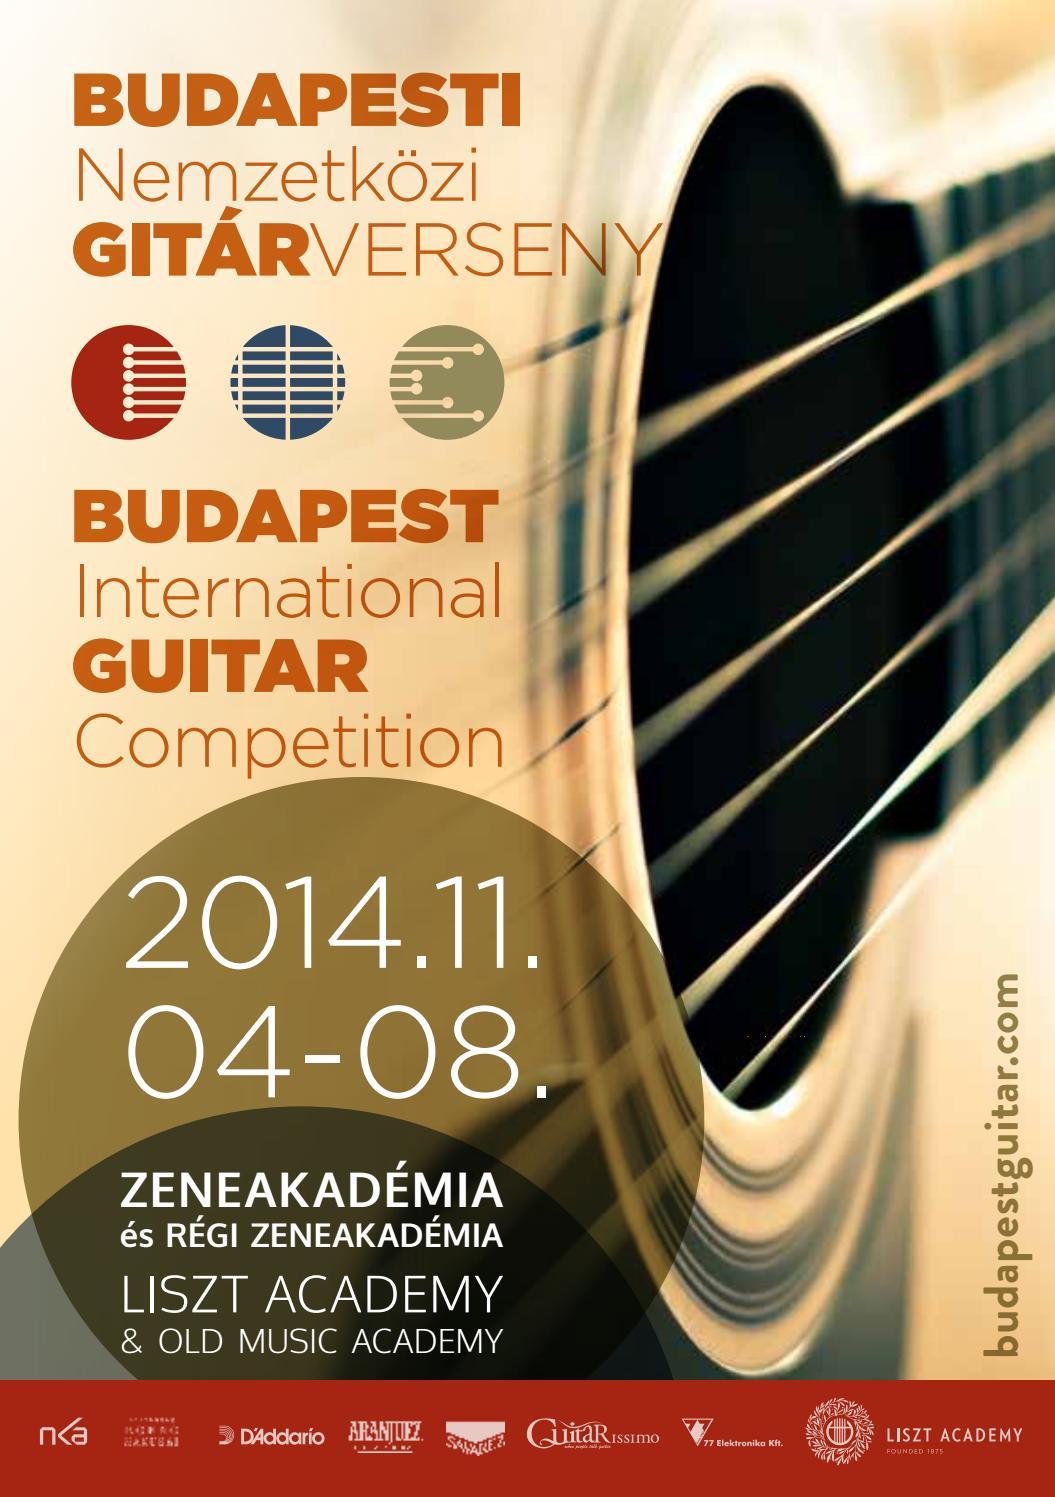 Budapesti Nemzetközi Gitárverseny 2014.11.04-08 by budapestguitar - issuu